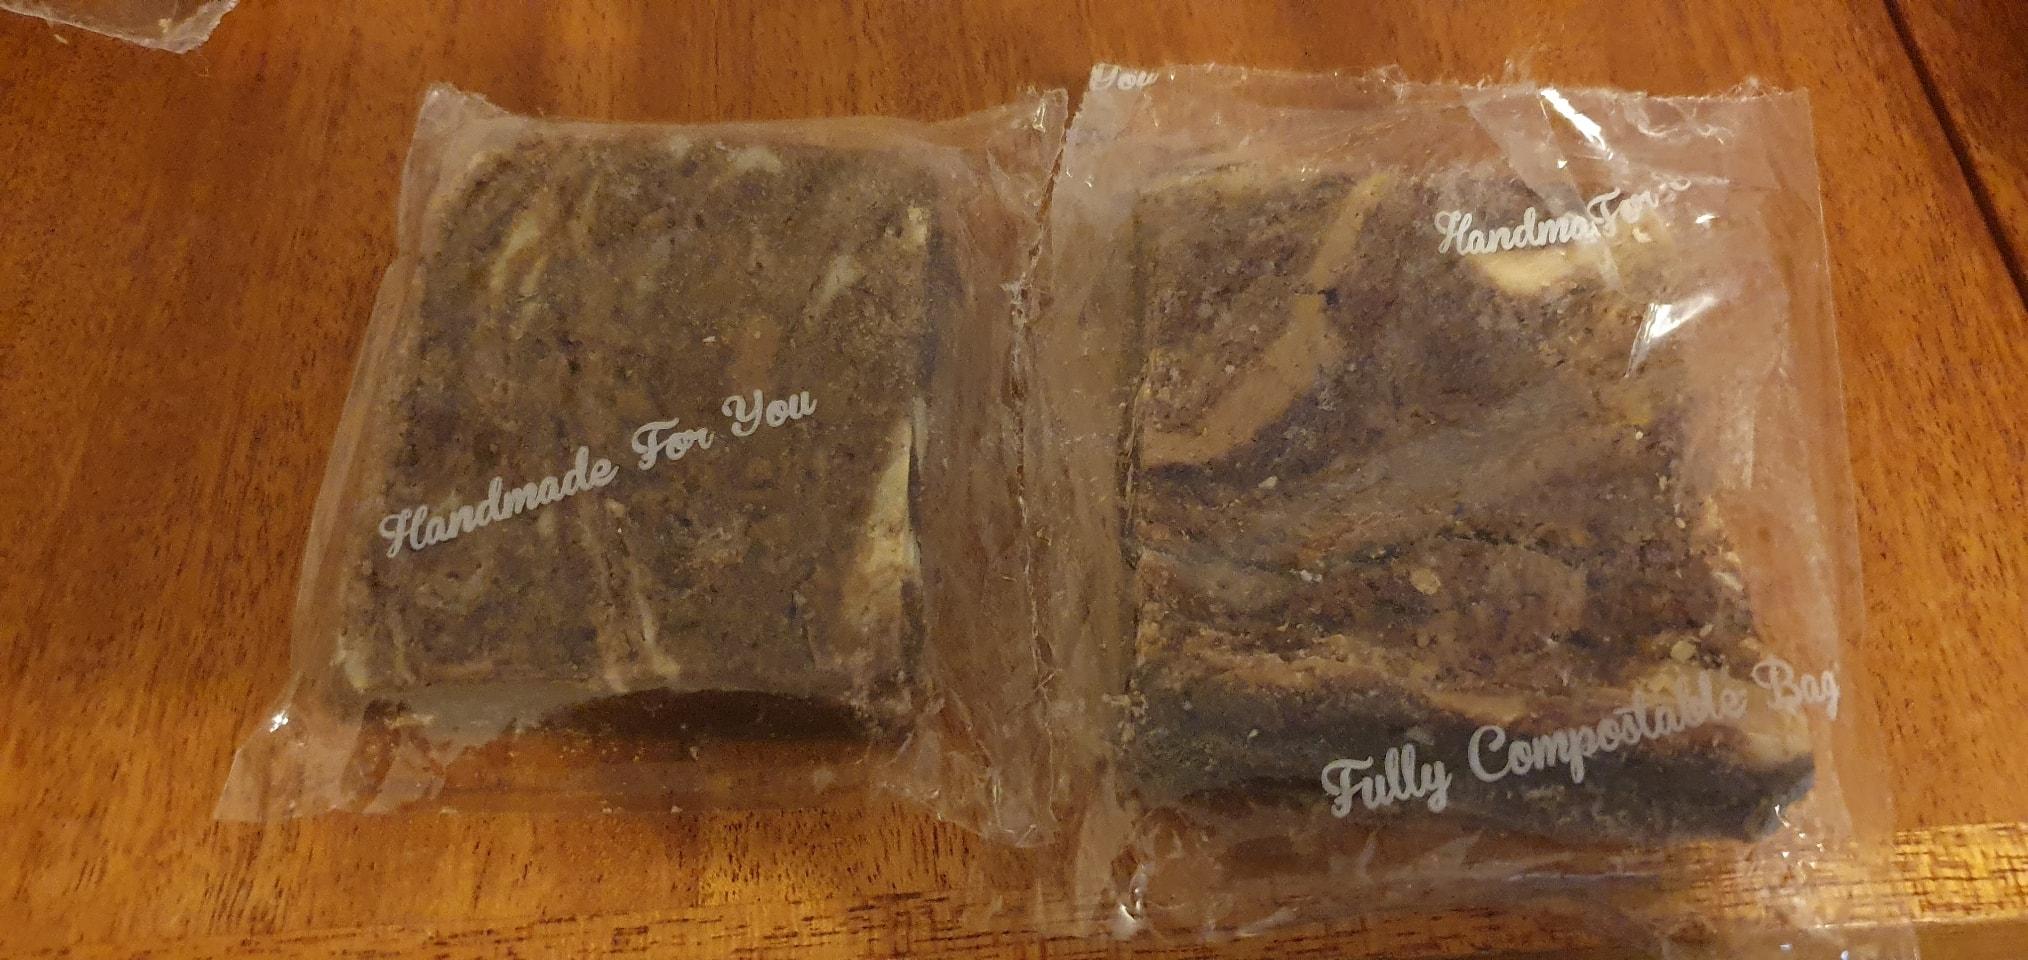 Sussex arts treats - chocolate tray bakes